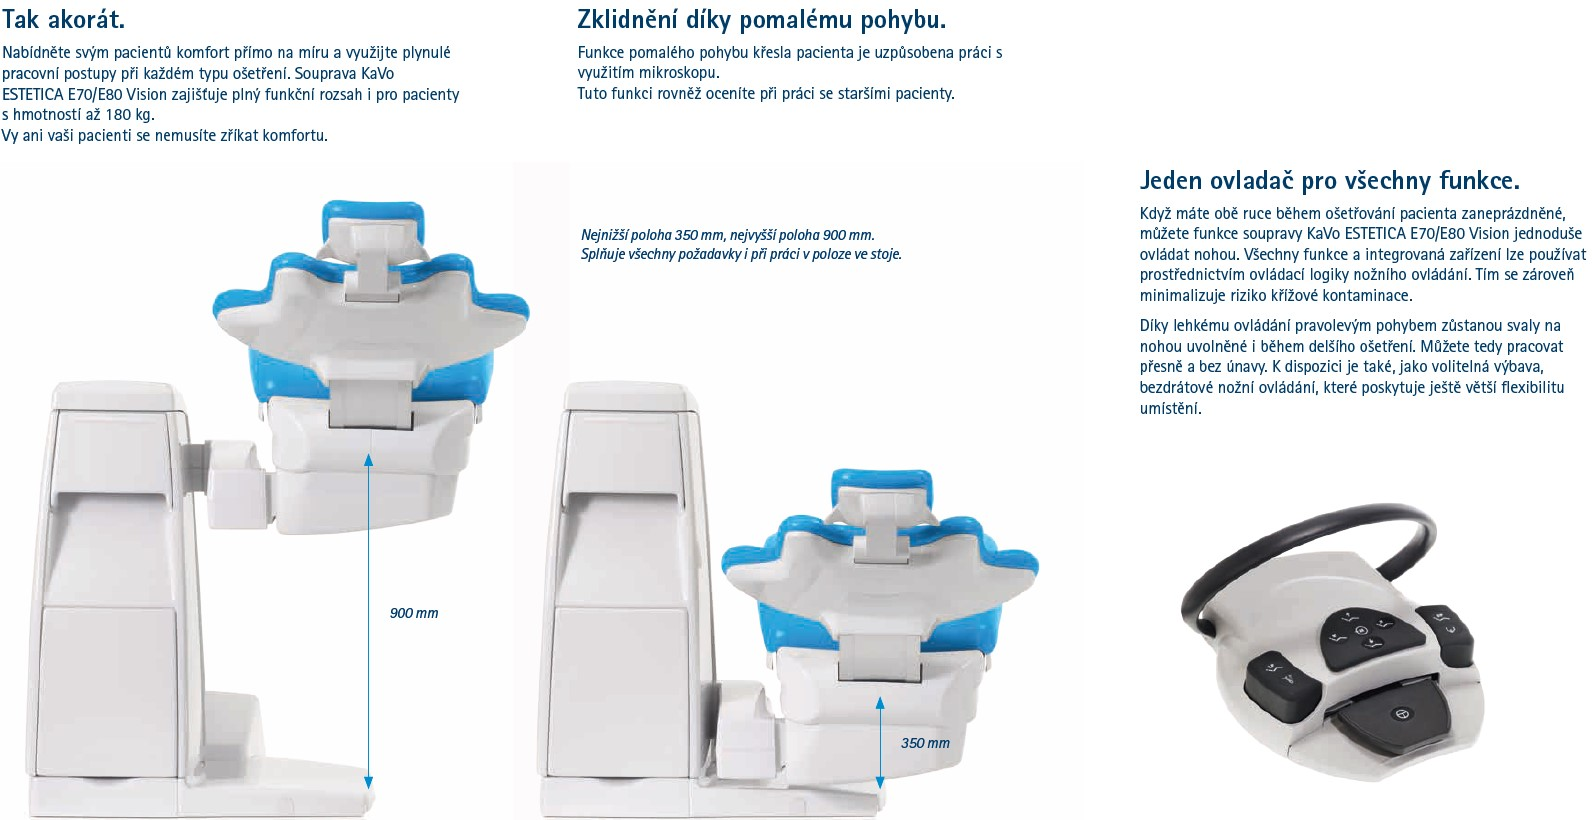 Stomatologická souprava KaVo Estetica E70/E80 Vision výhody